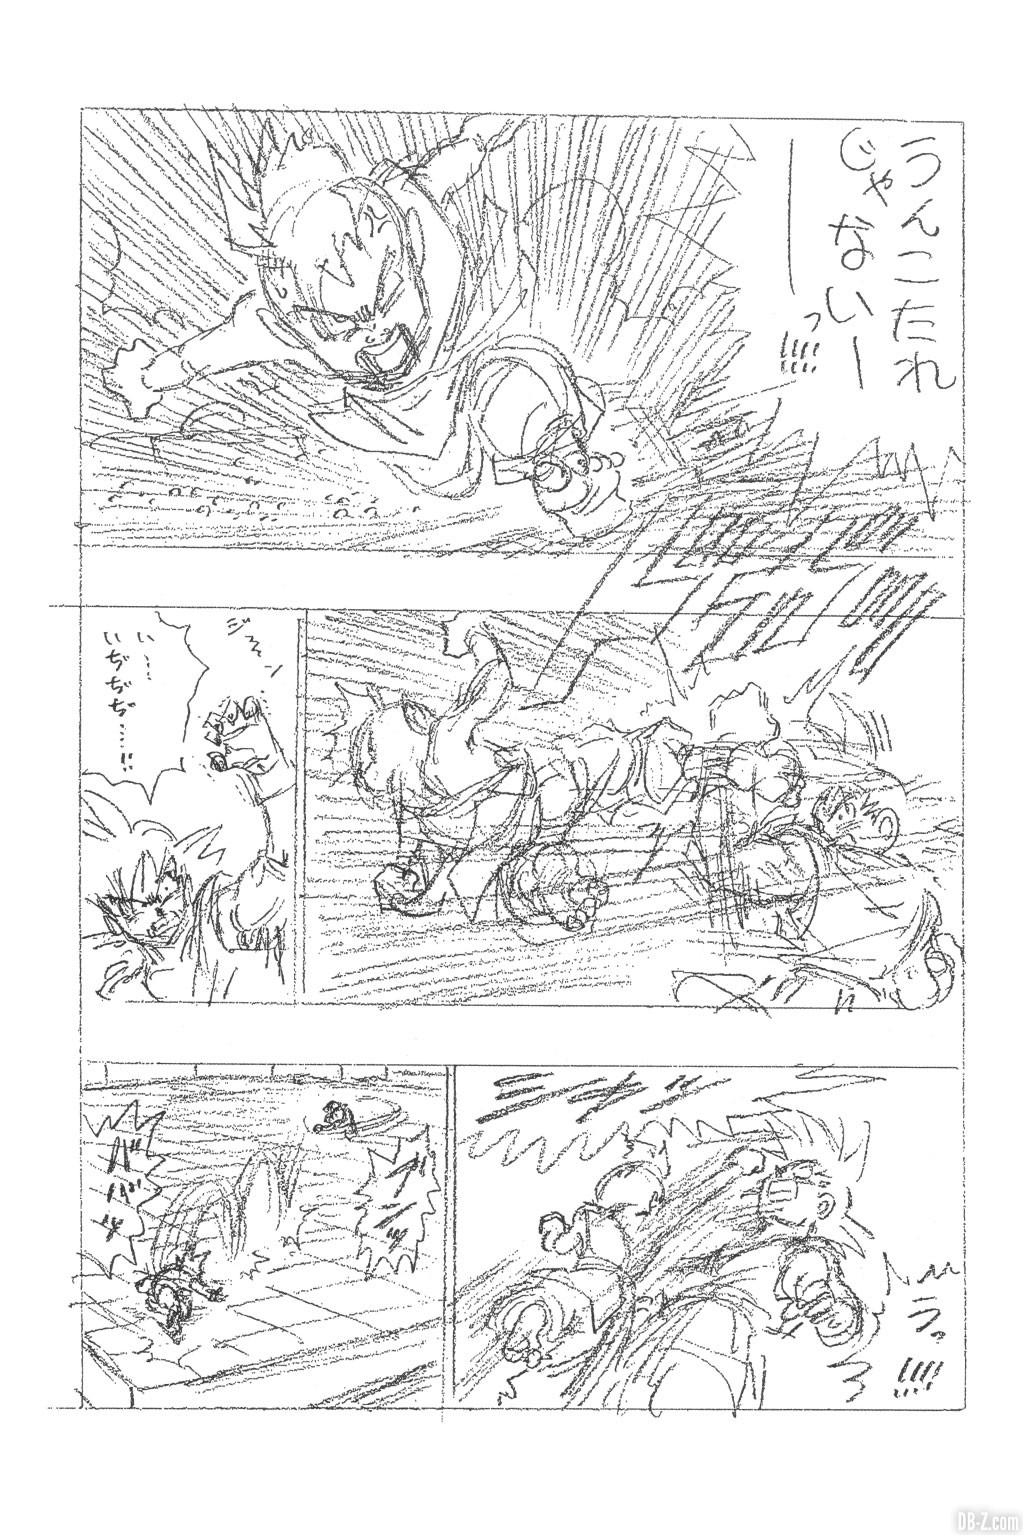 Brouillon Akira Toriyama Dernier Chapitre de Dragon Ball Page 12